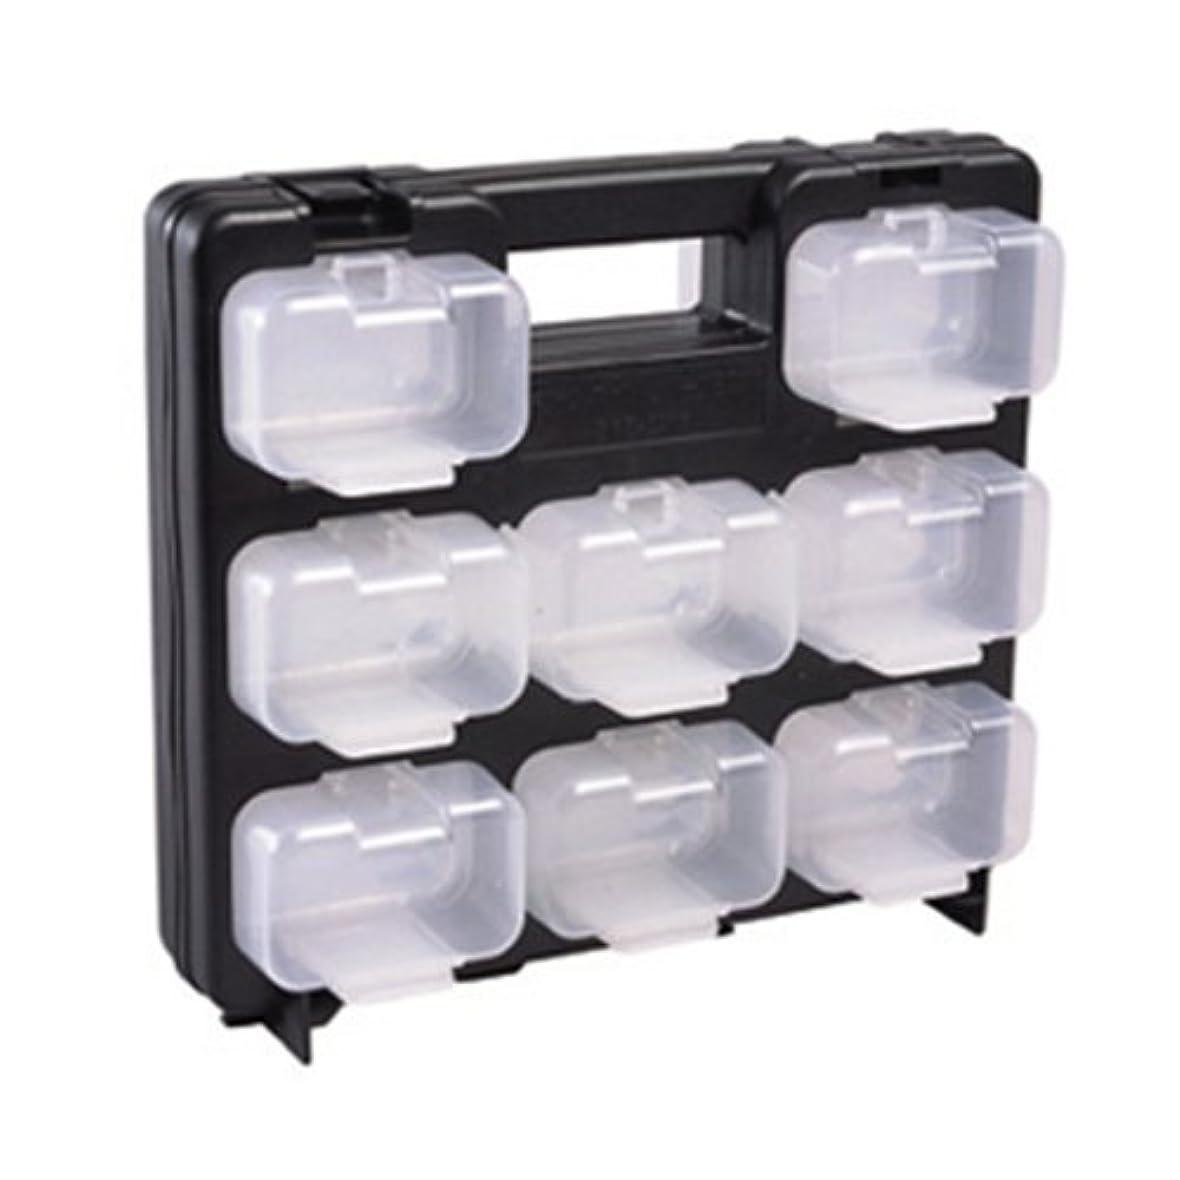 新しい意味探すどうやらデンサン スケルトンパーツボックスミニ 黒枠 フタ付ミニ小箱16個 SPS-2916